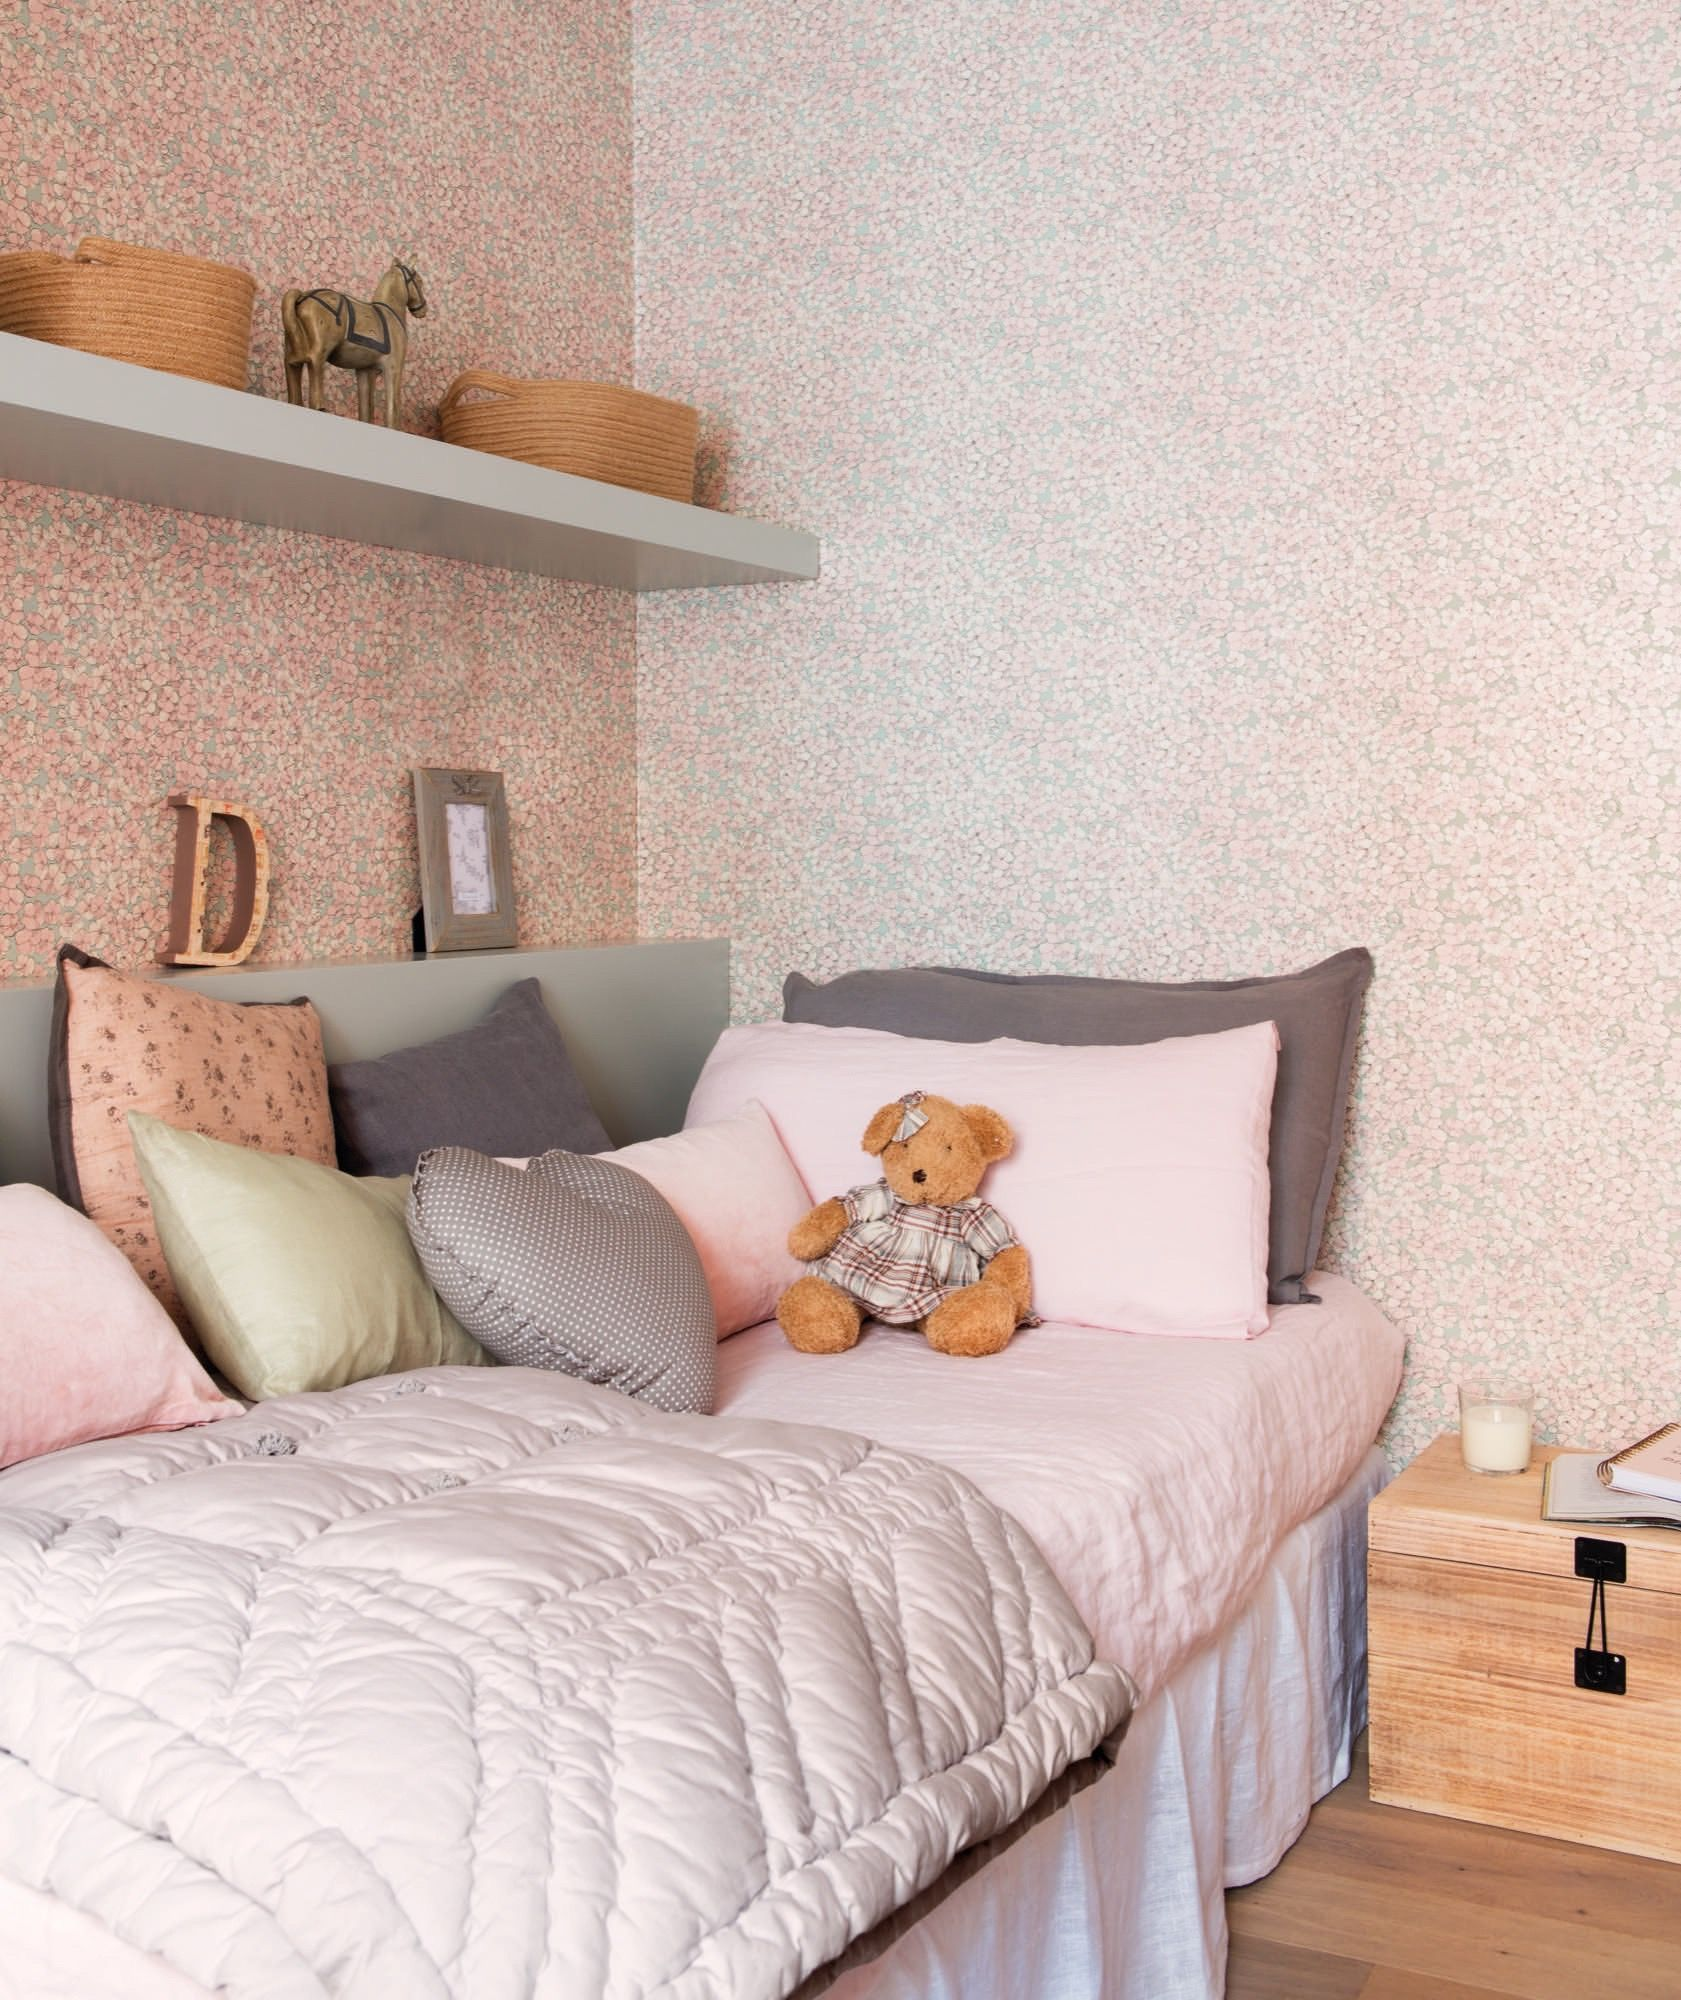 No tan infantil decohogar decoracion habitacion - Habitacion juvenil nina ...